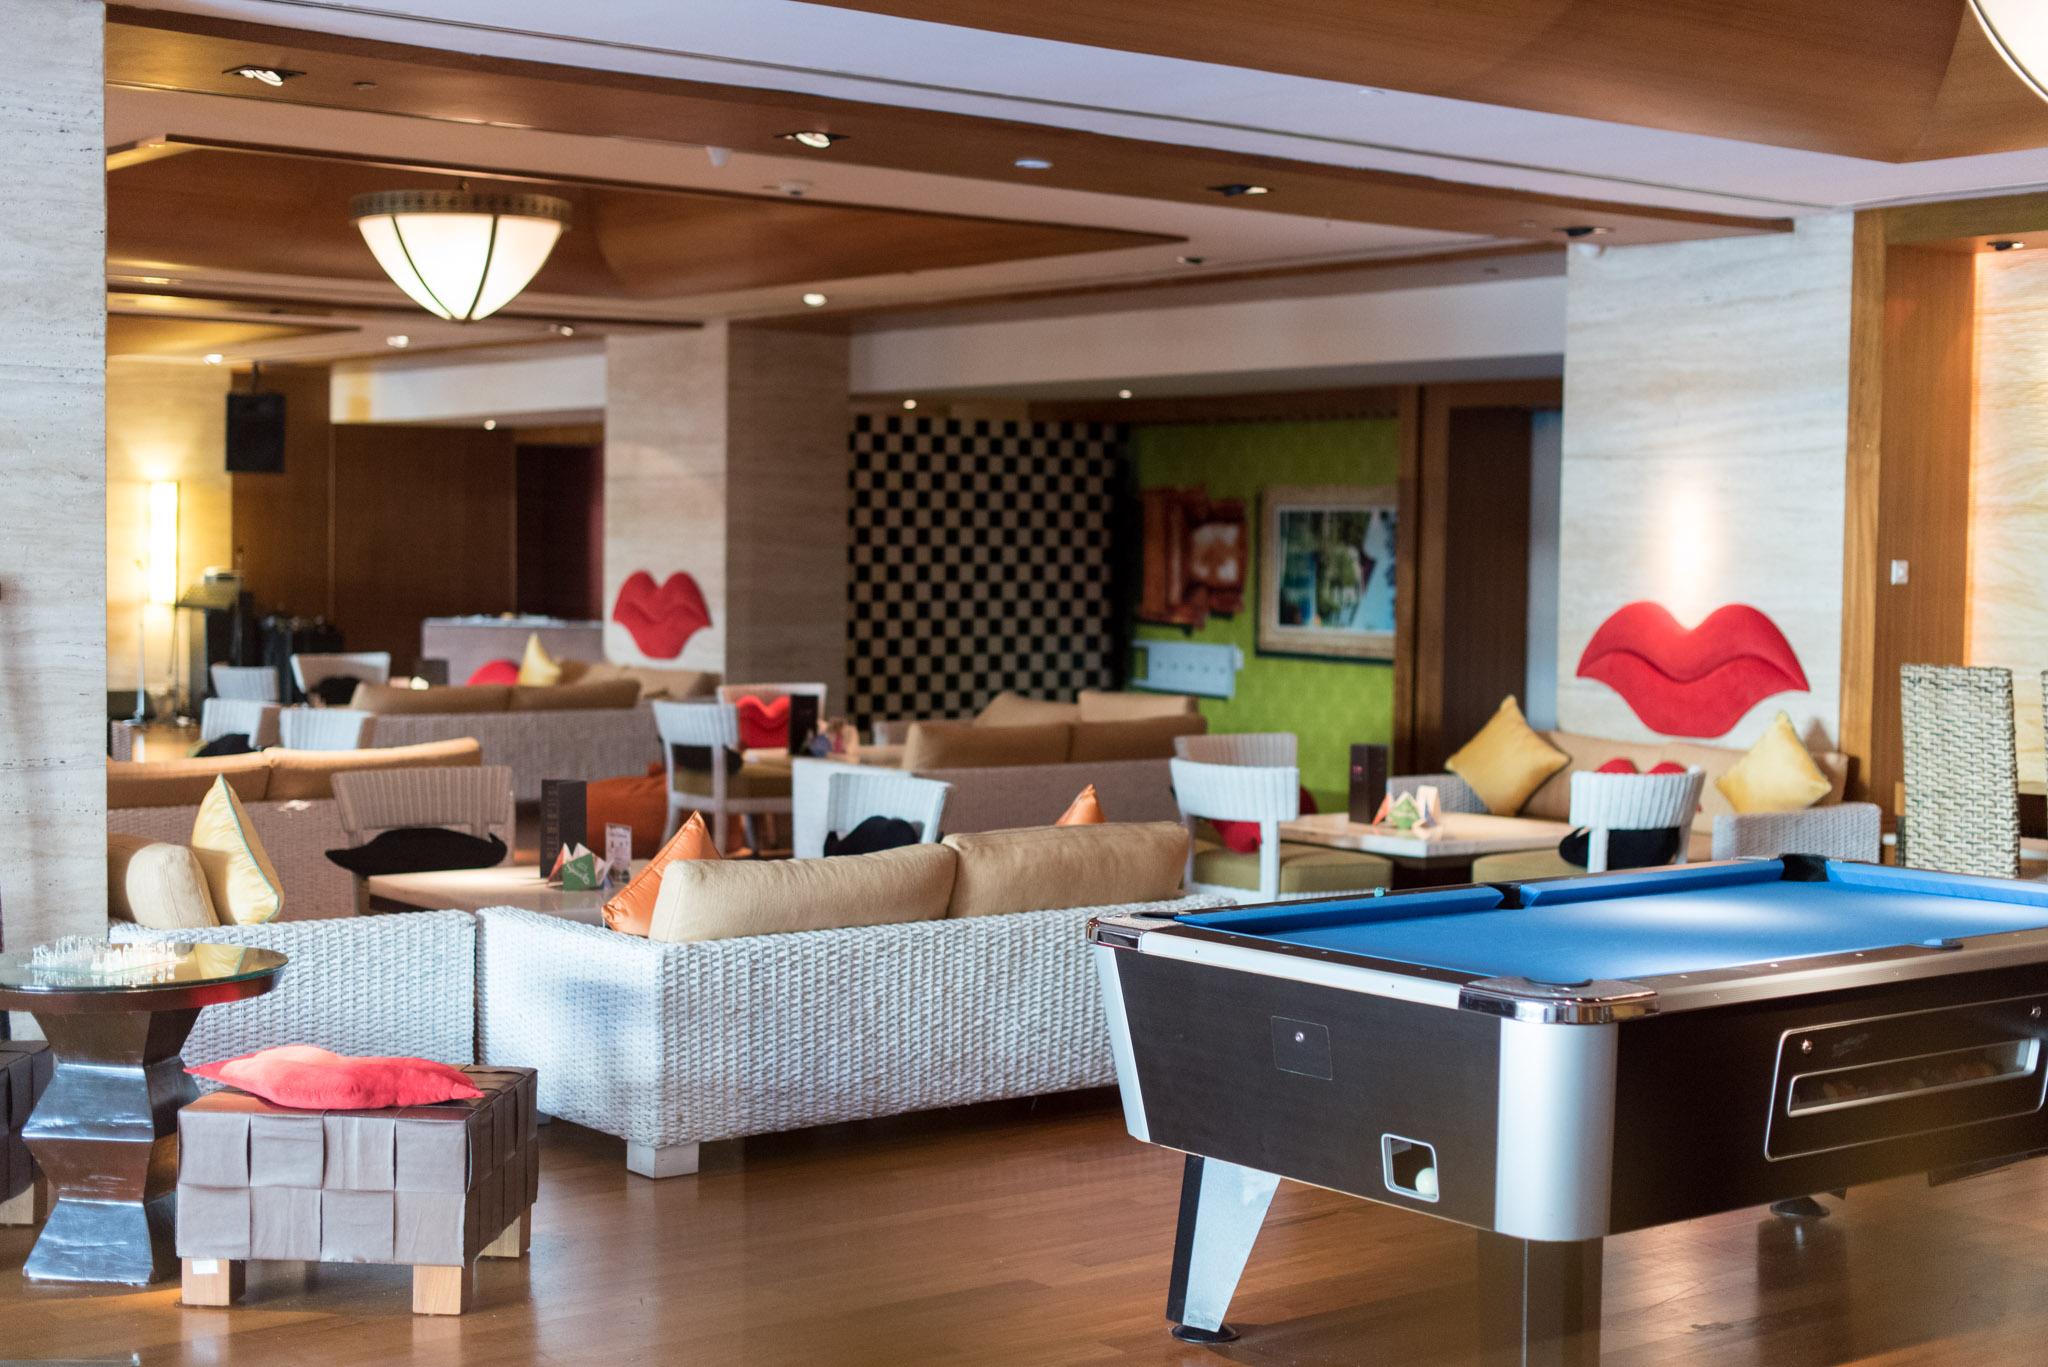 FIP - Fun Interactive & Play    Shangri-La's Rasa Sayang Resort & Spa, Penang